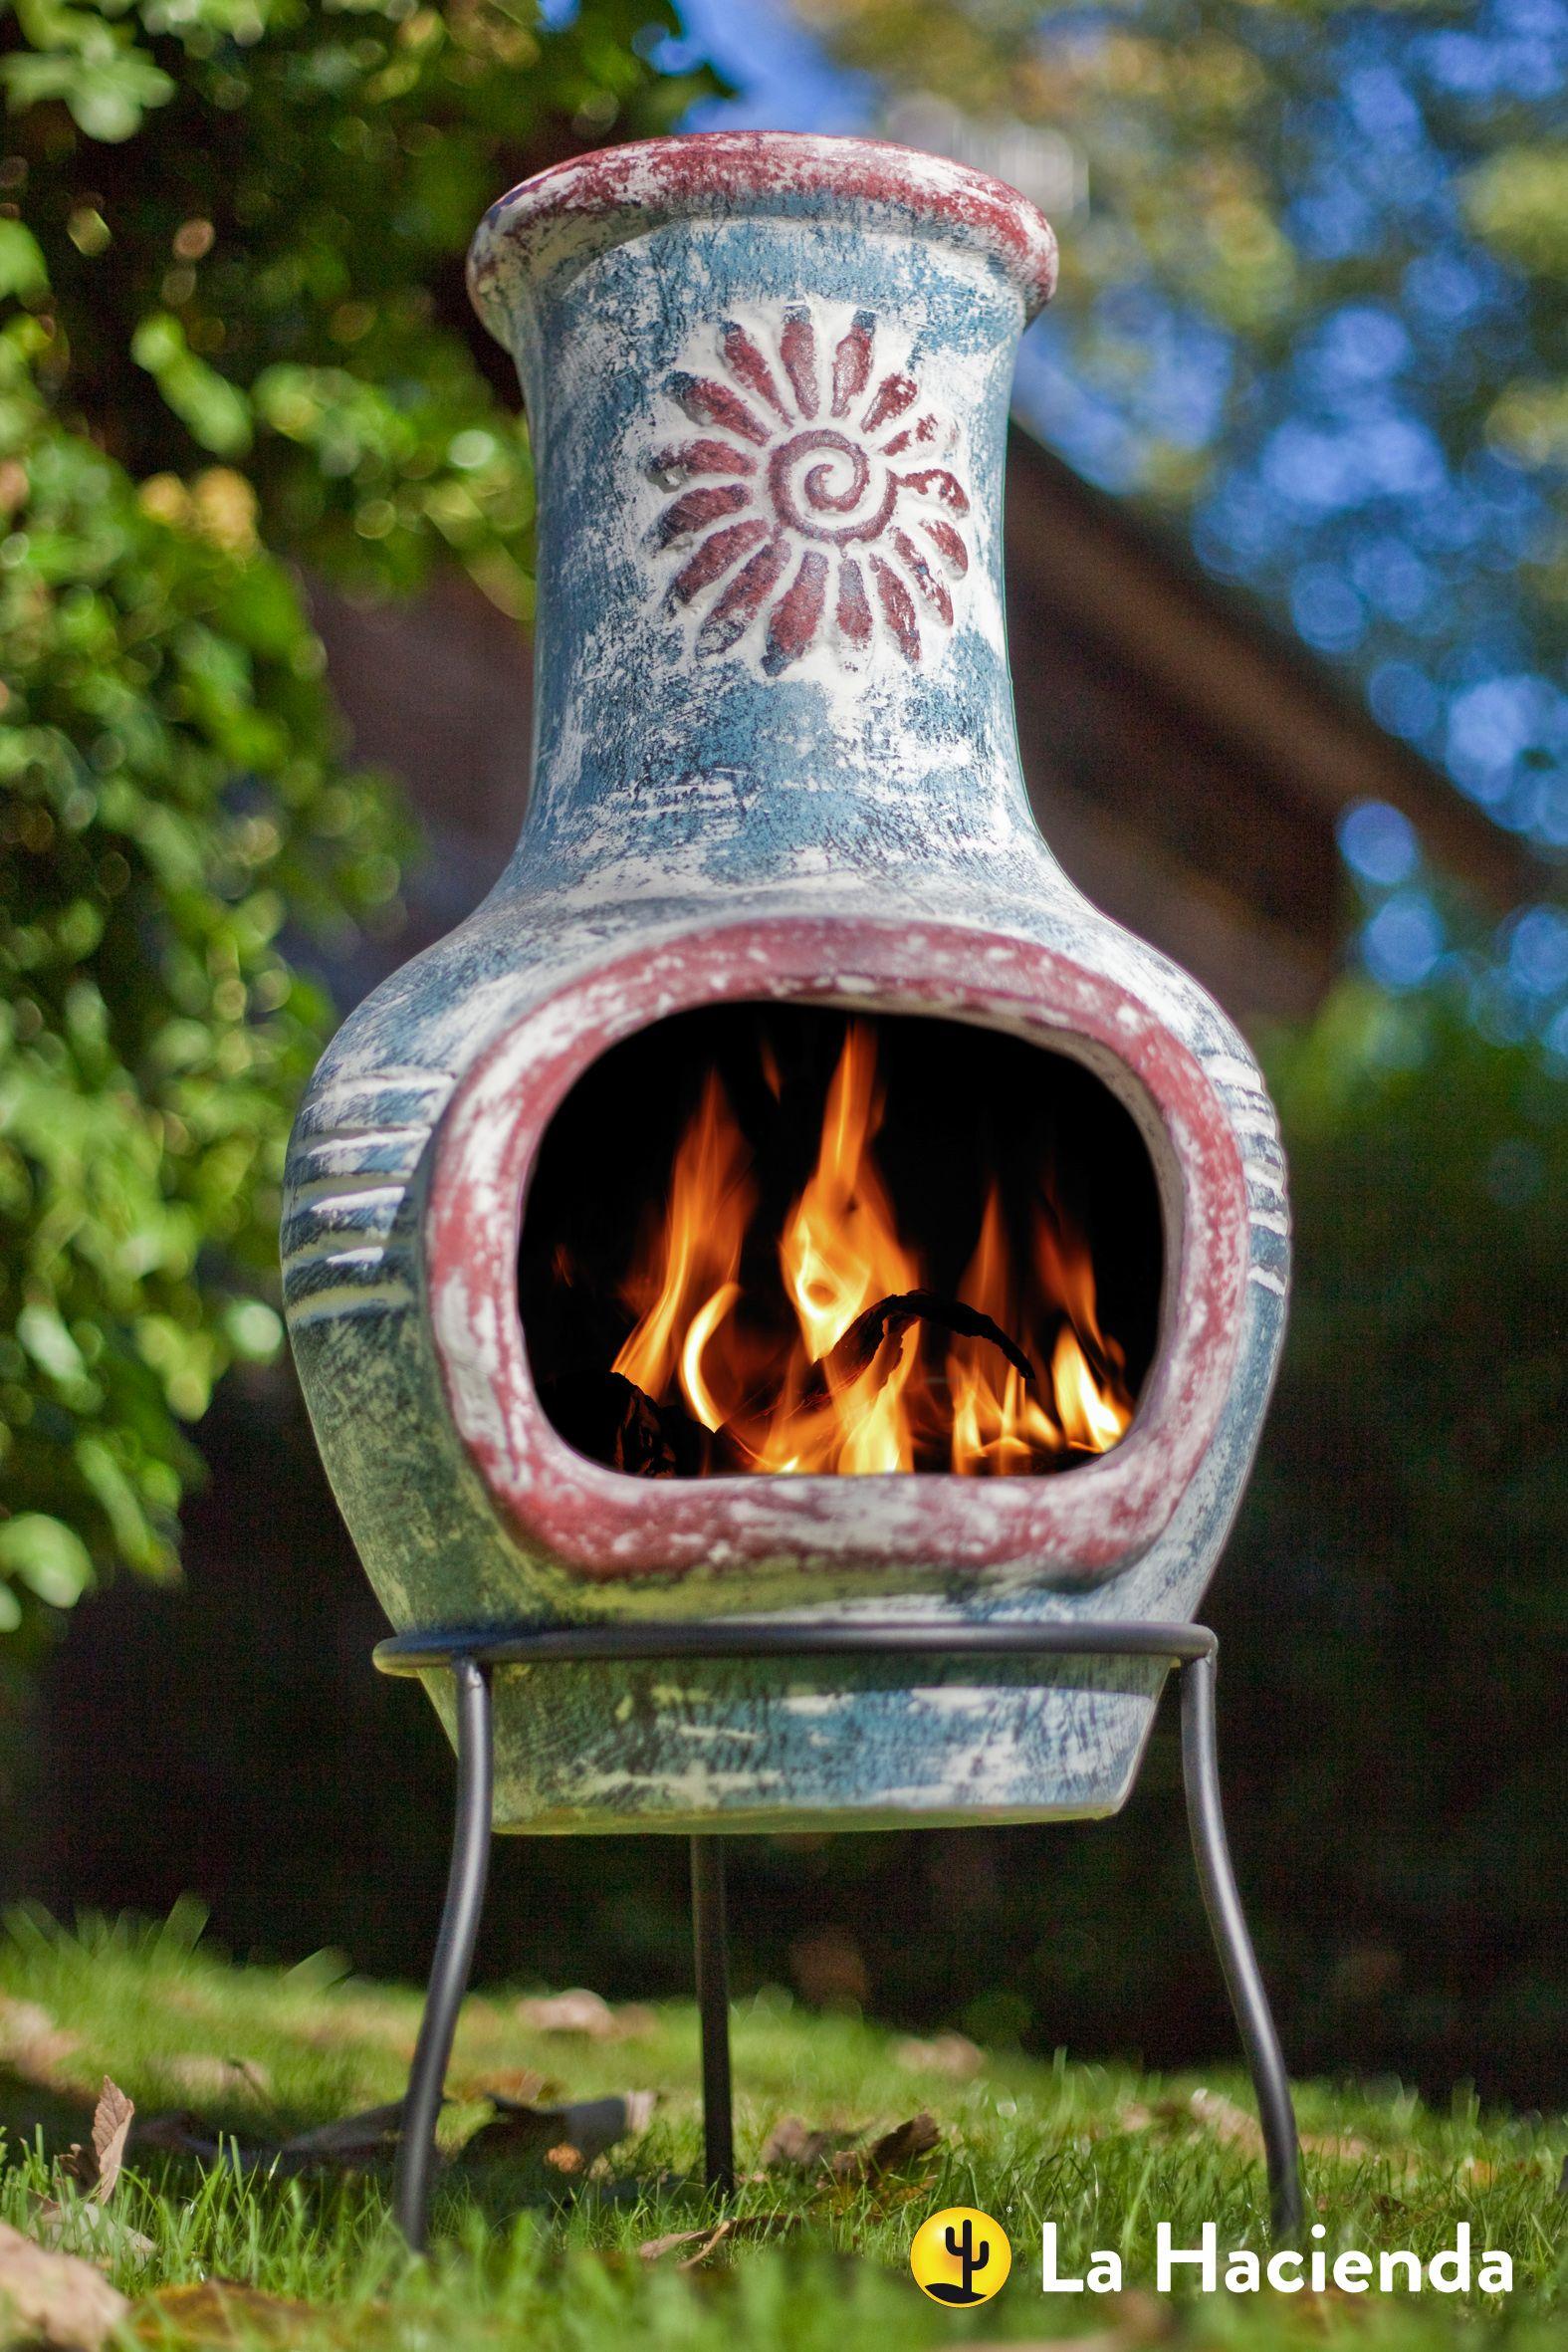 La Hacienda Wood Burning Chimeneas Firepits Outdoor Heating Uk Clay Chiminea Hacienda Outdoor Heating